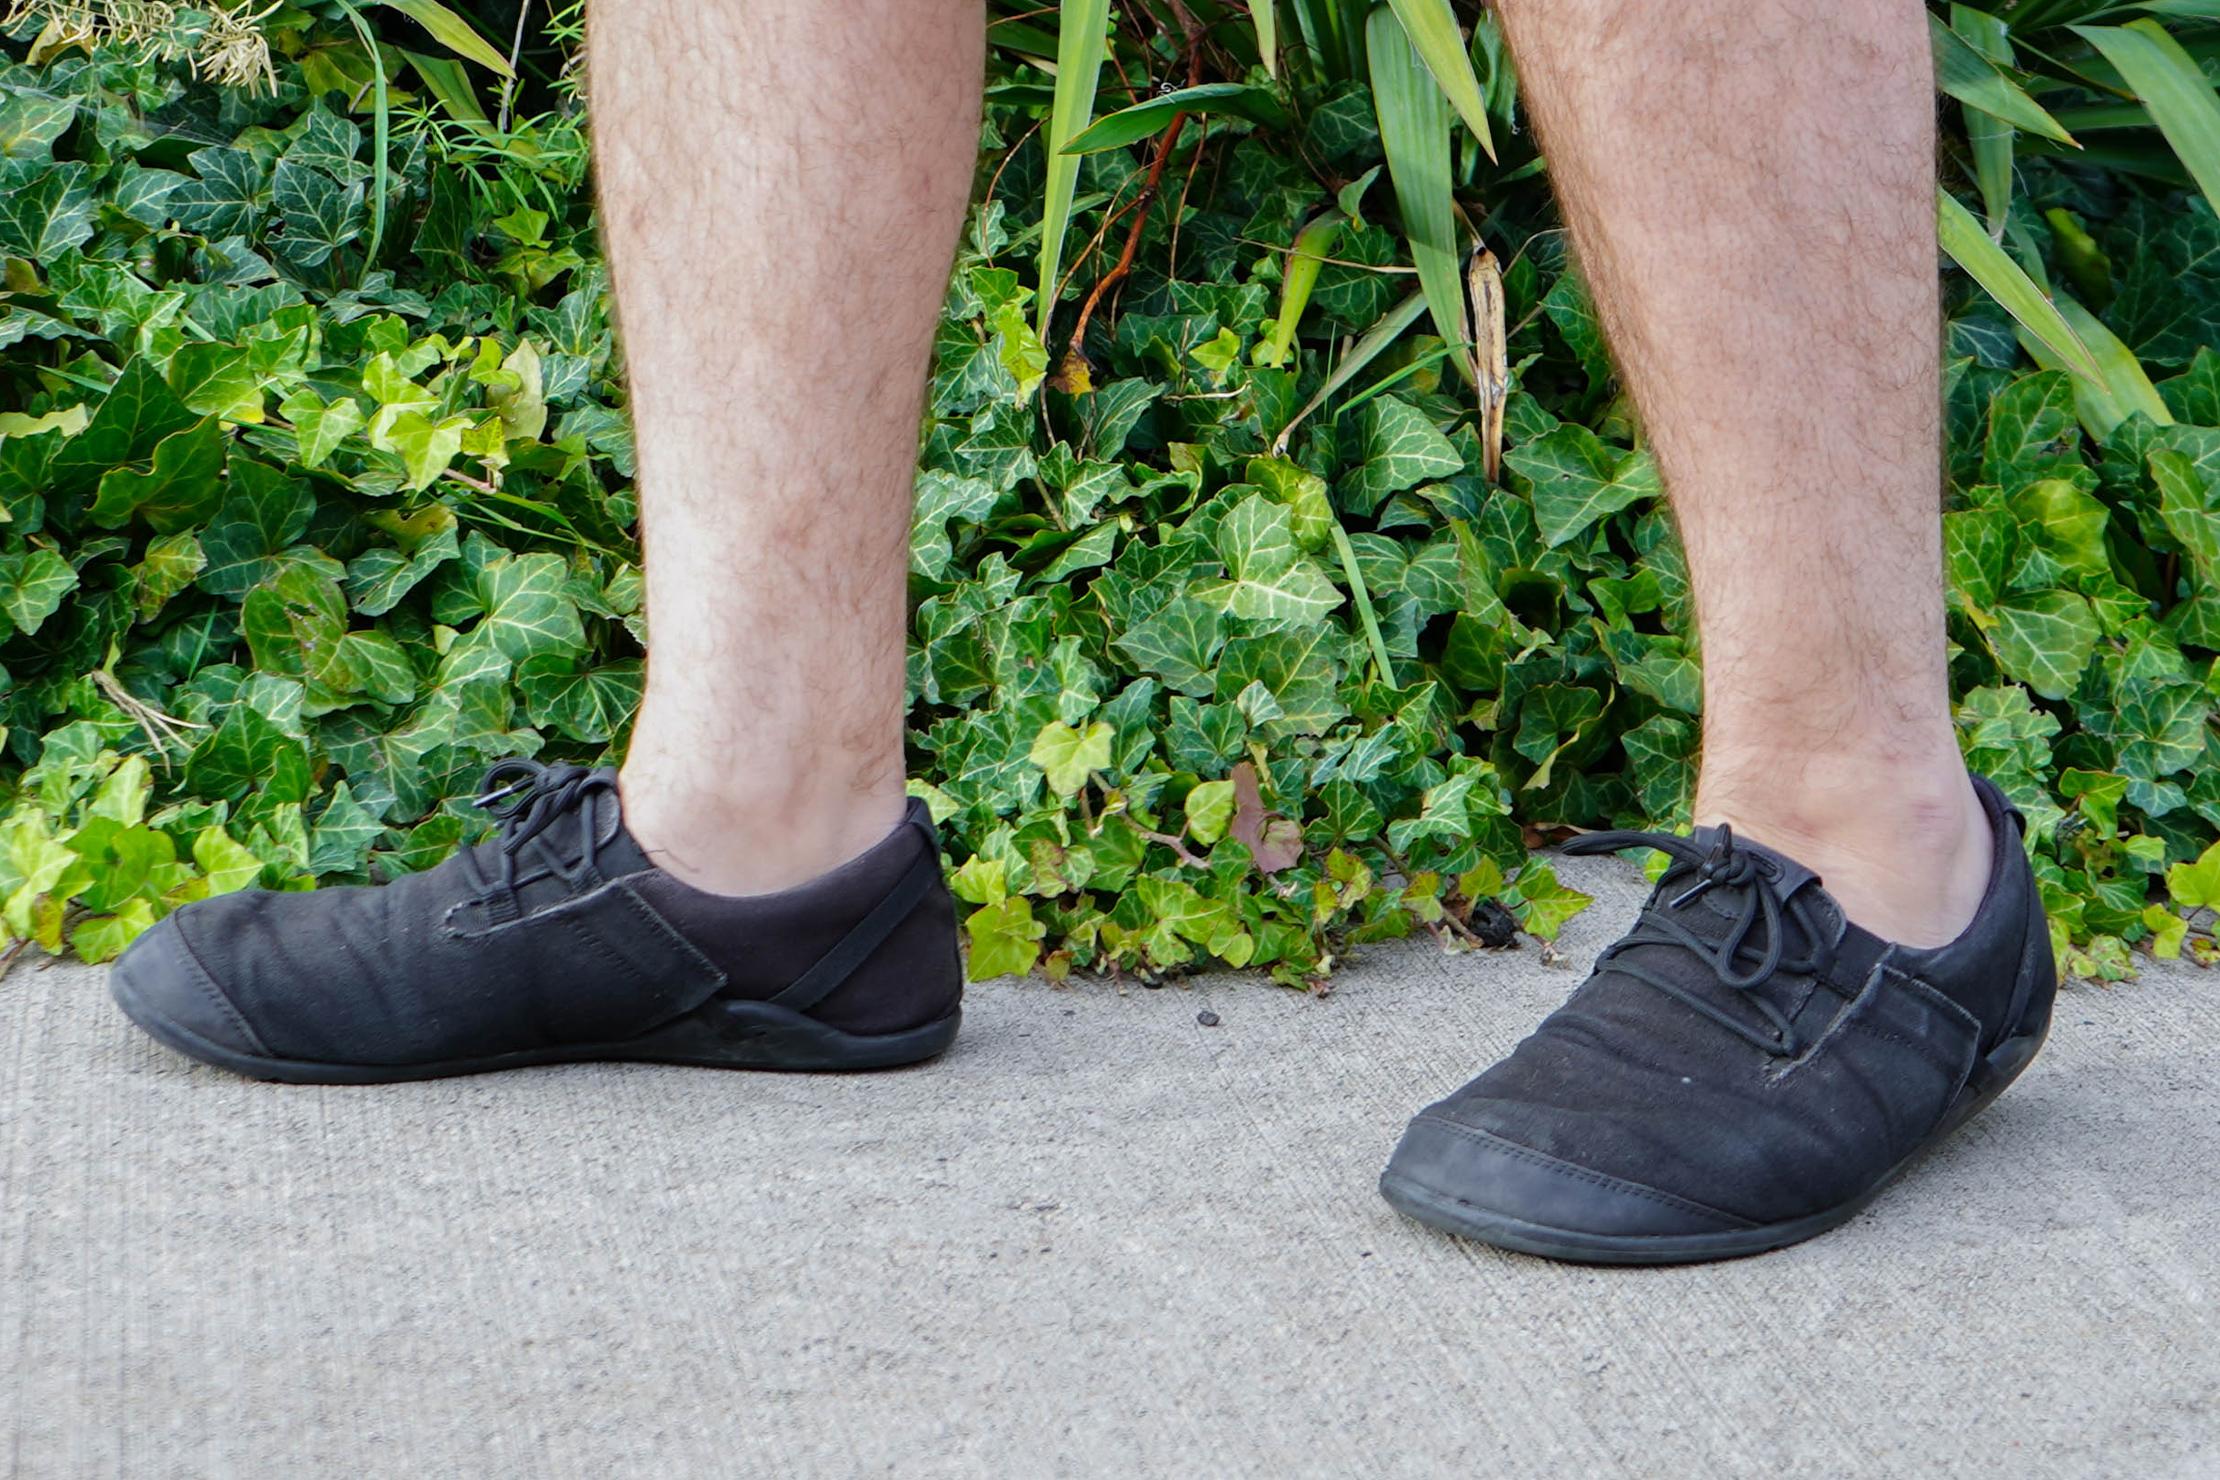 Xero Shoes Hana Men's In Detroit